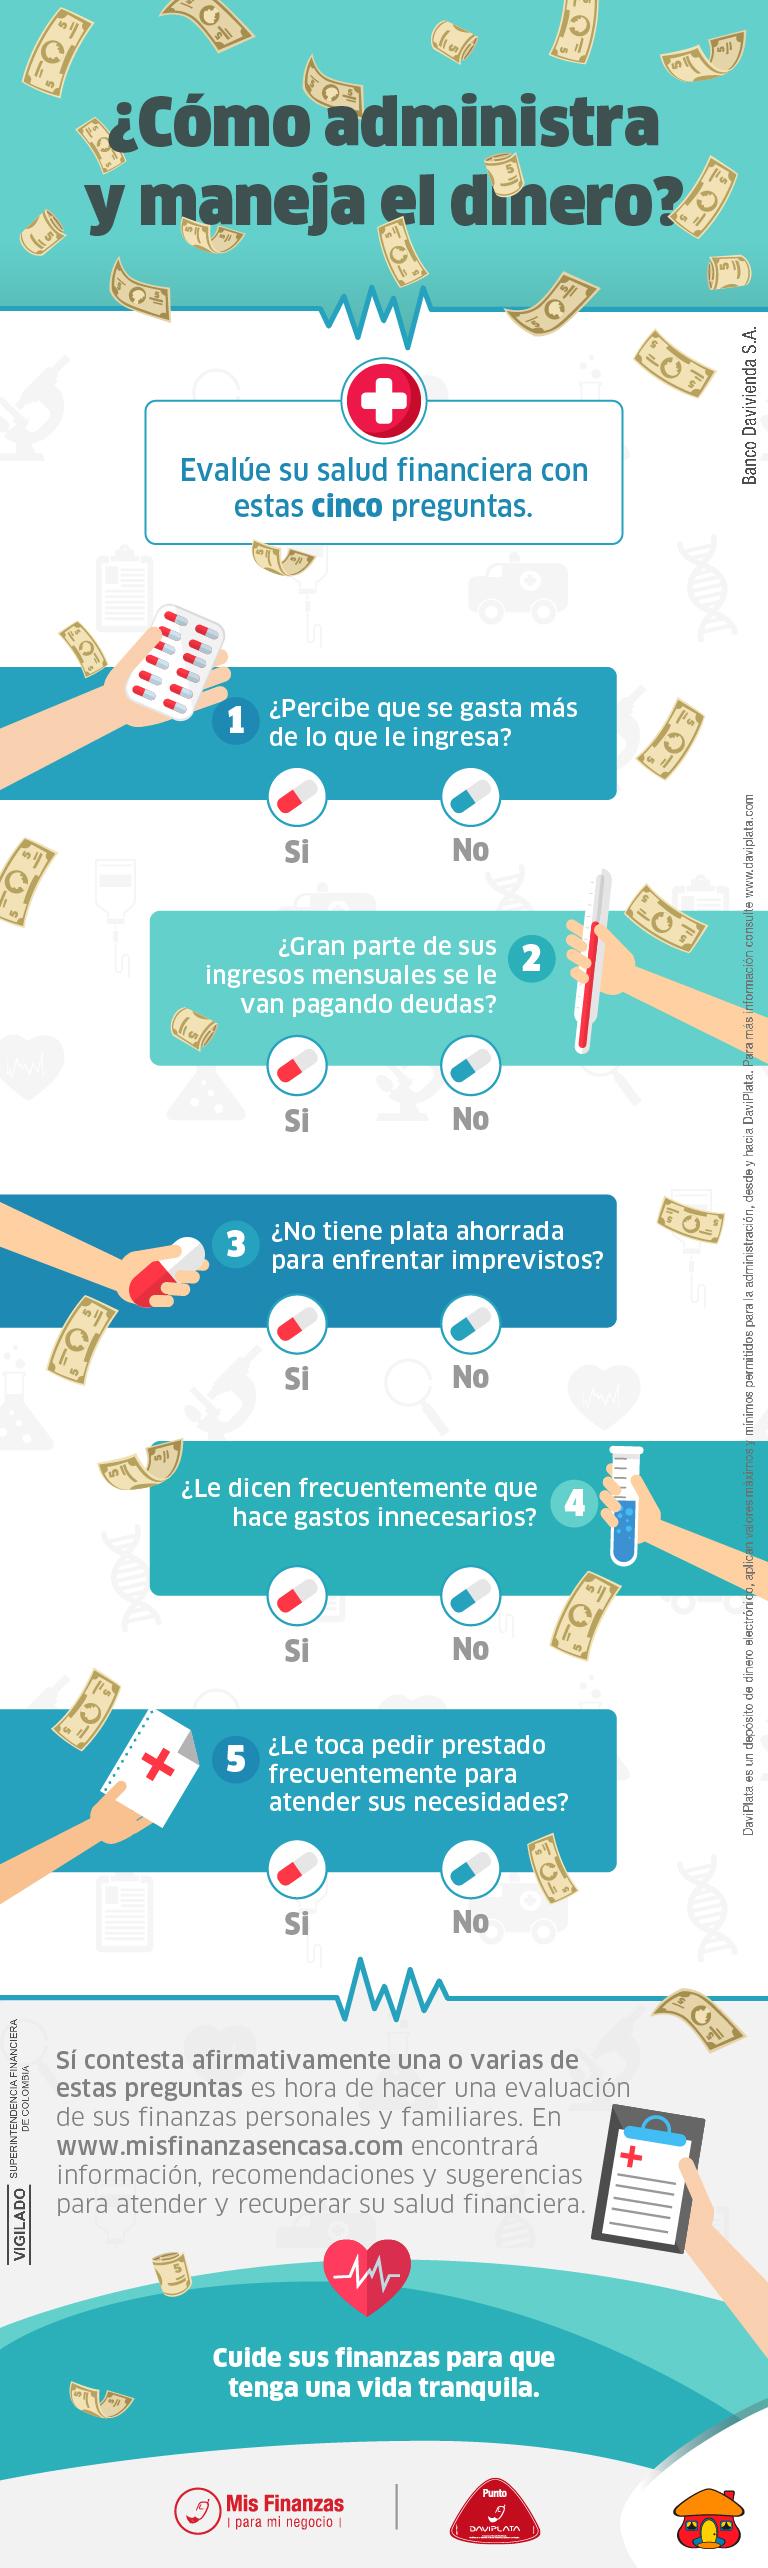 Infograf Davivienda-03